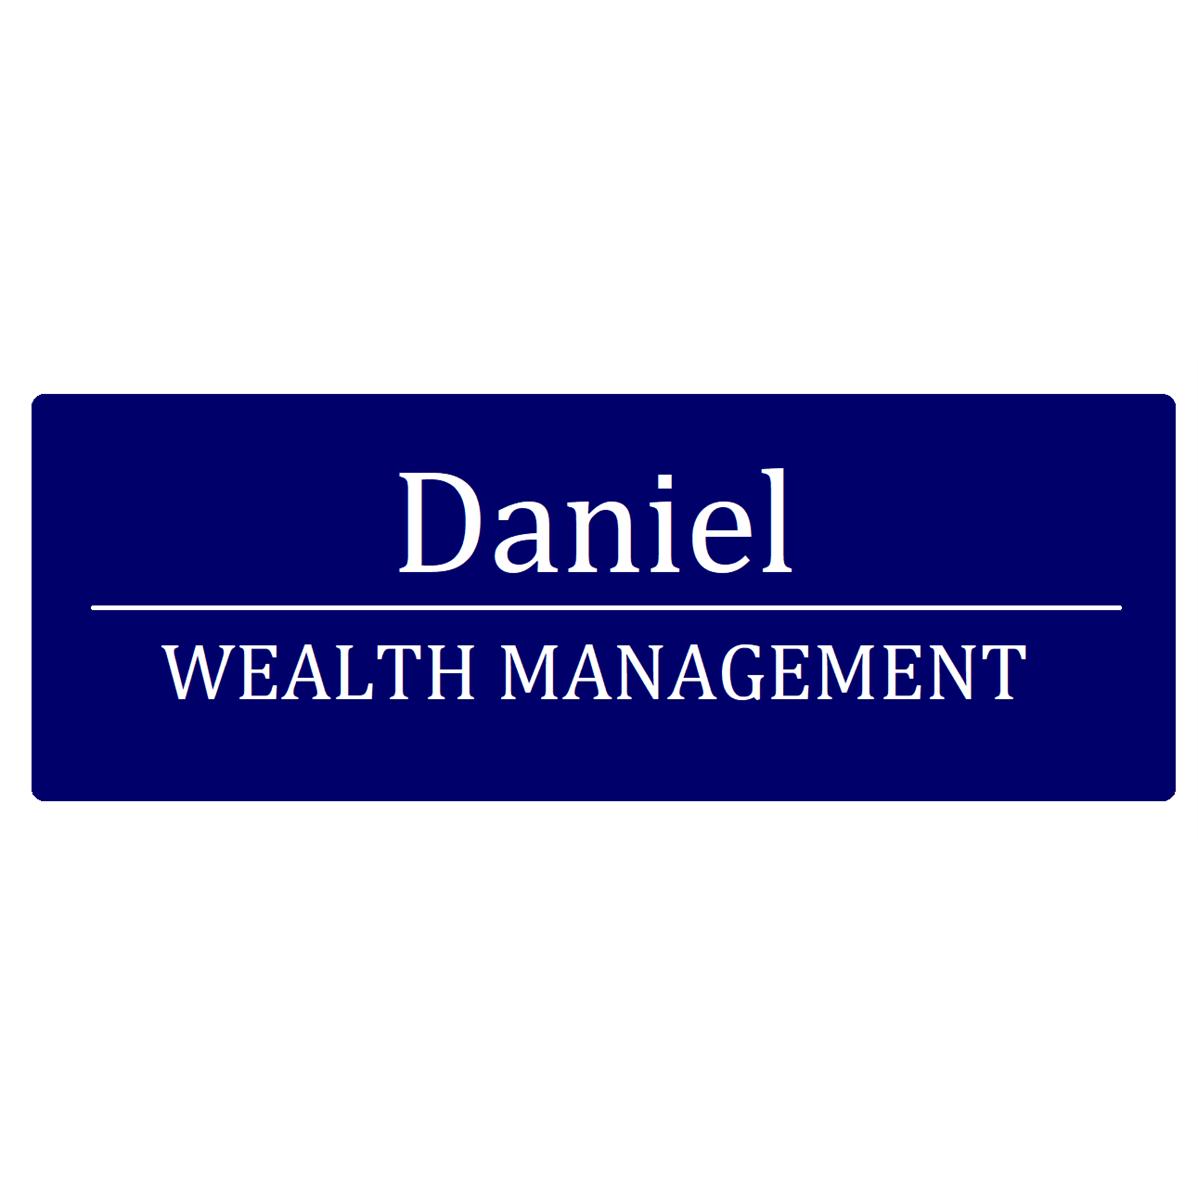 Daniel Wealth Management image 1